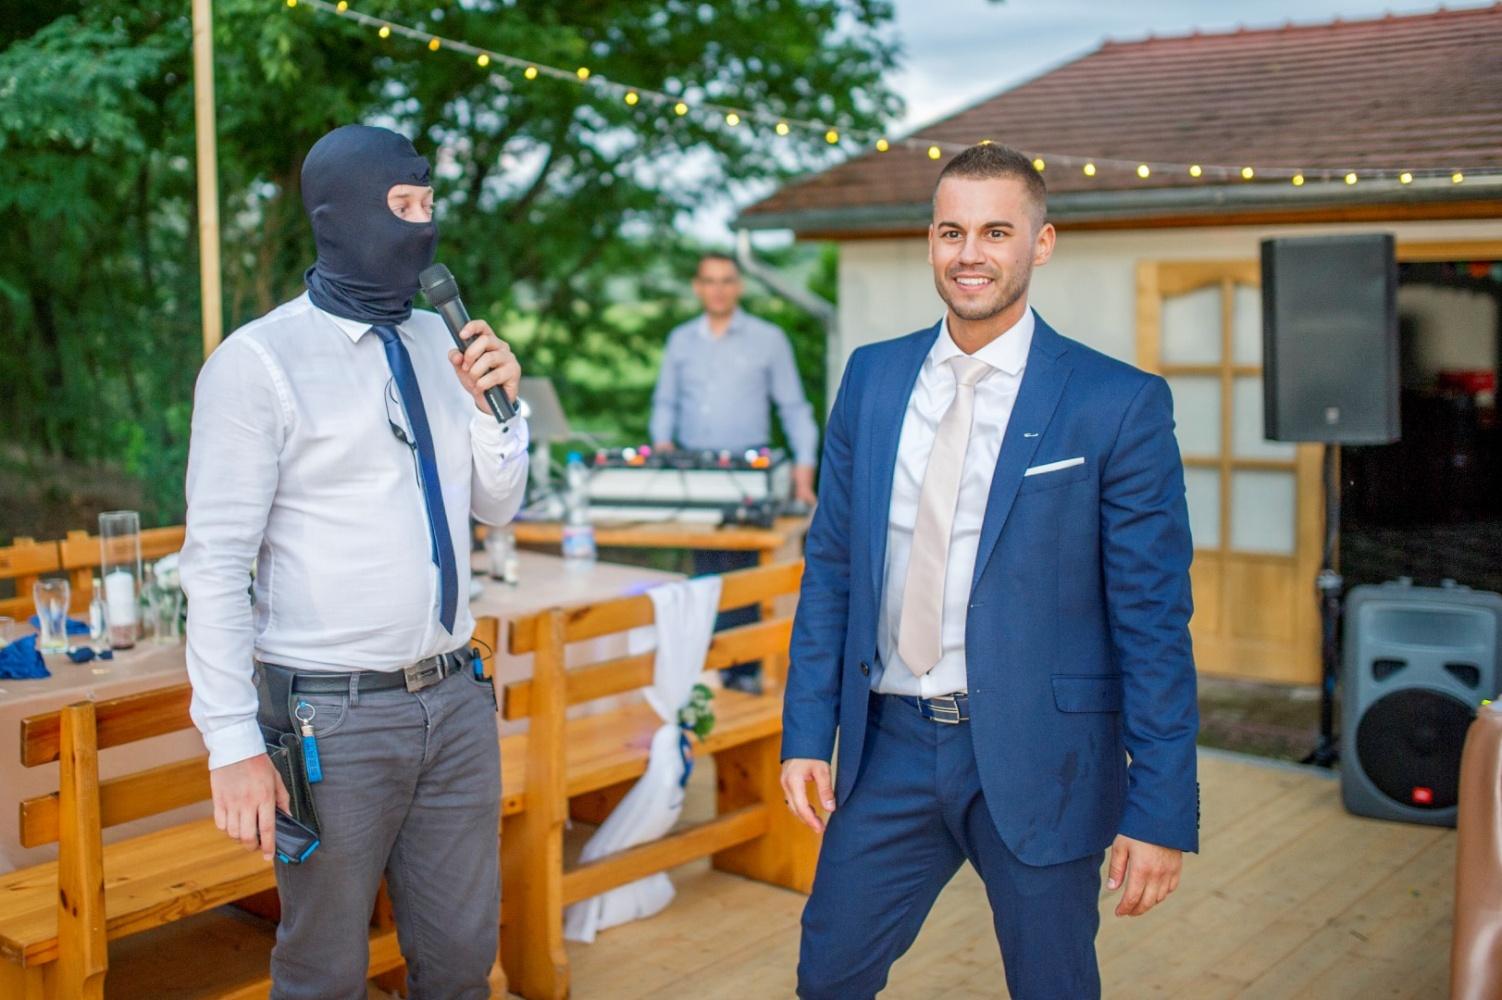 http://www.fotoz.sk/images/gallery-22/normal/eskuvoi-fotos_svadobny-fotograf_572.jpg